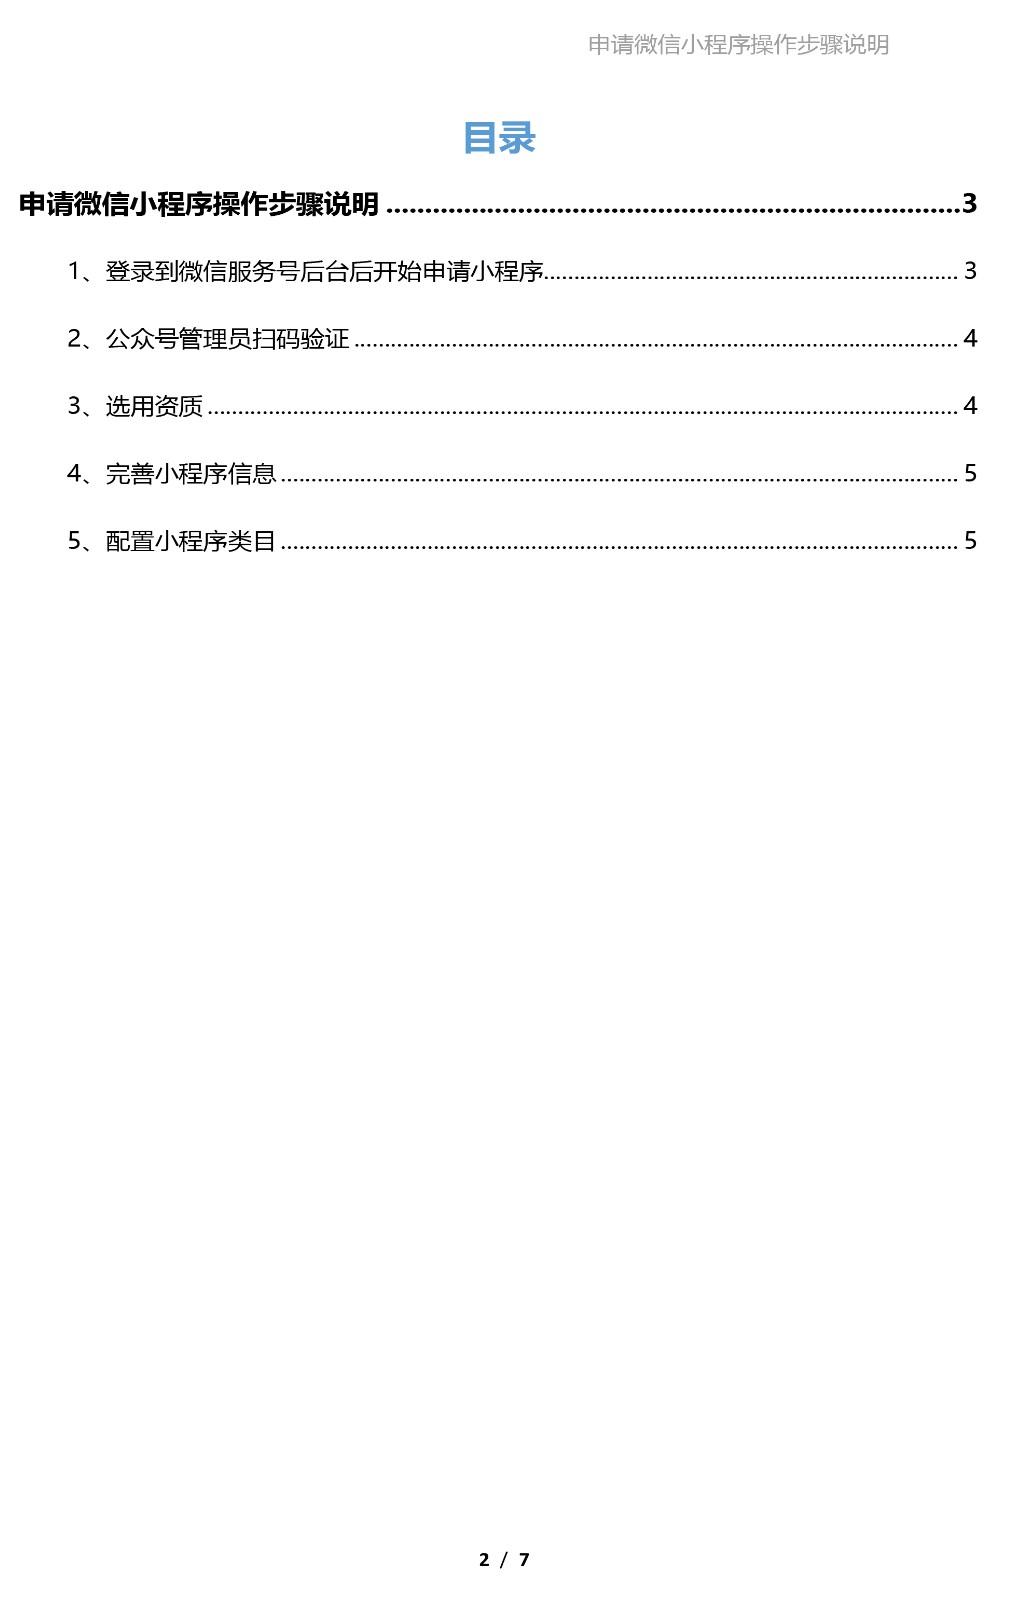 课程3附件、申请微信小程序操作步骤说明-2.jpg